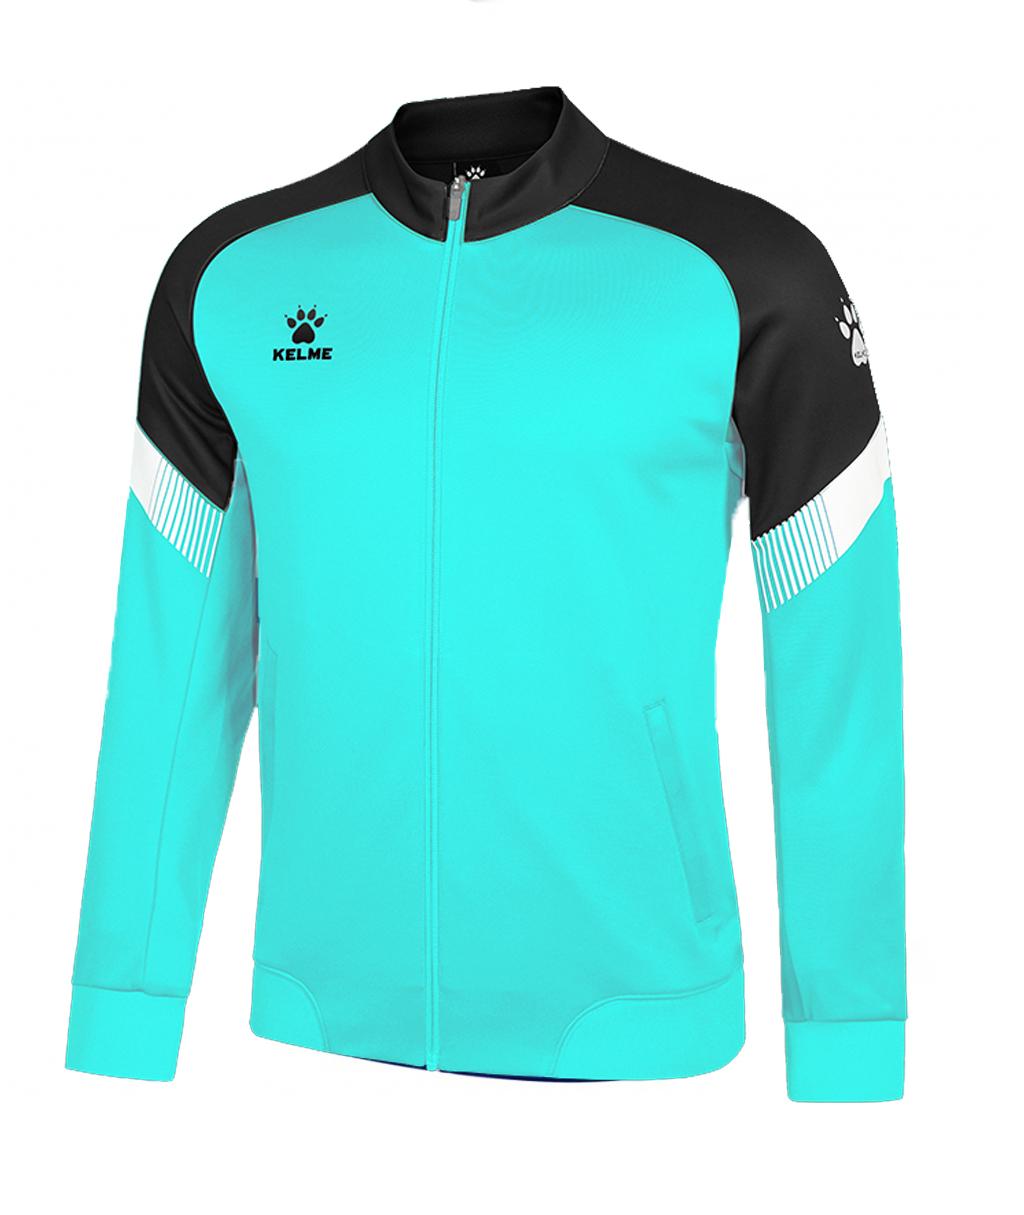 Купить бирюзовую олимпийку Kelme Knitted Jacked 8061WT1009-328